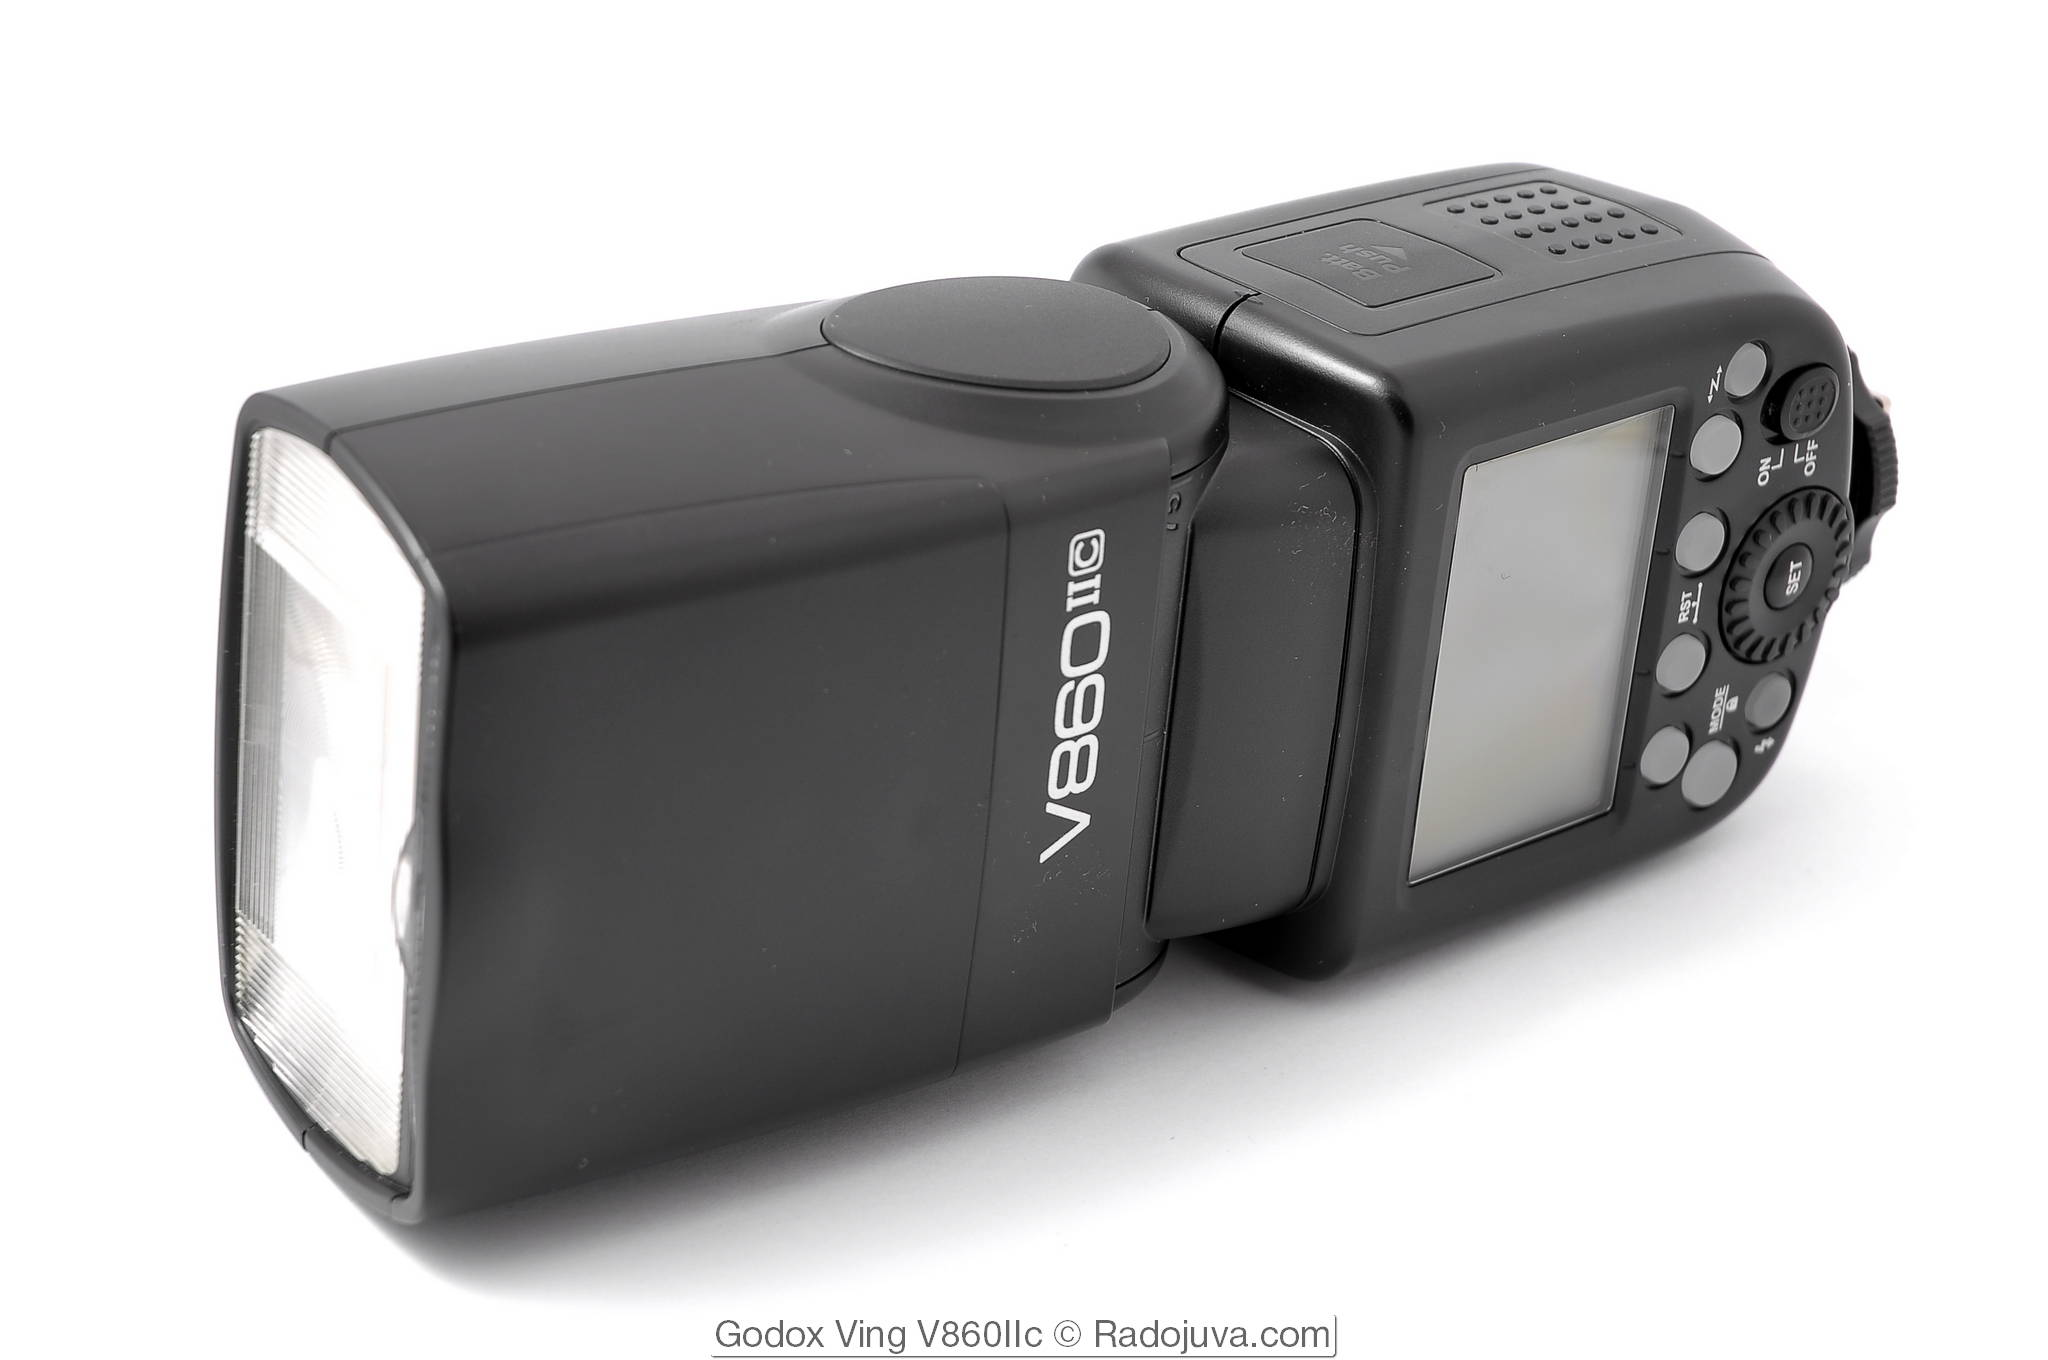 Godox Ving V860IIс